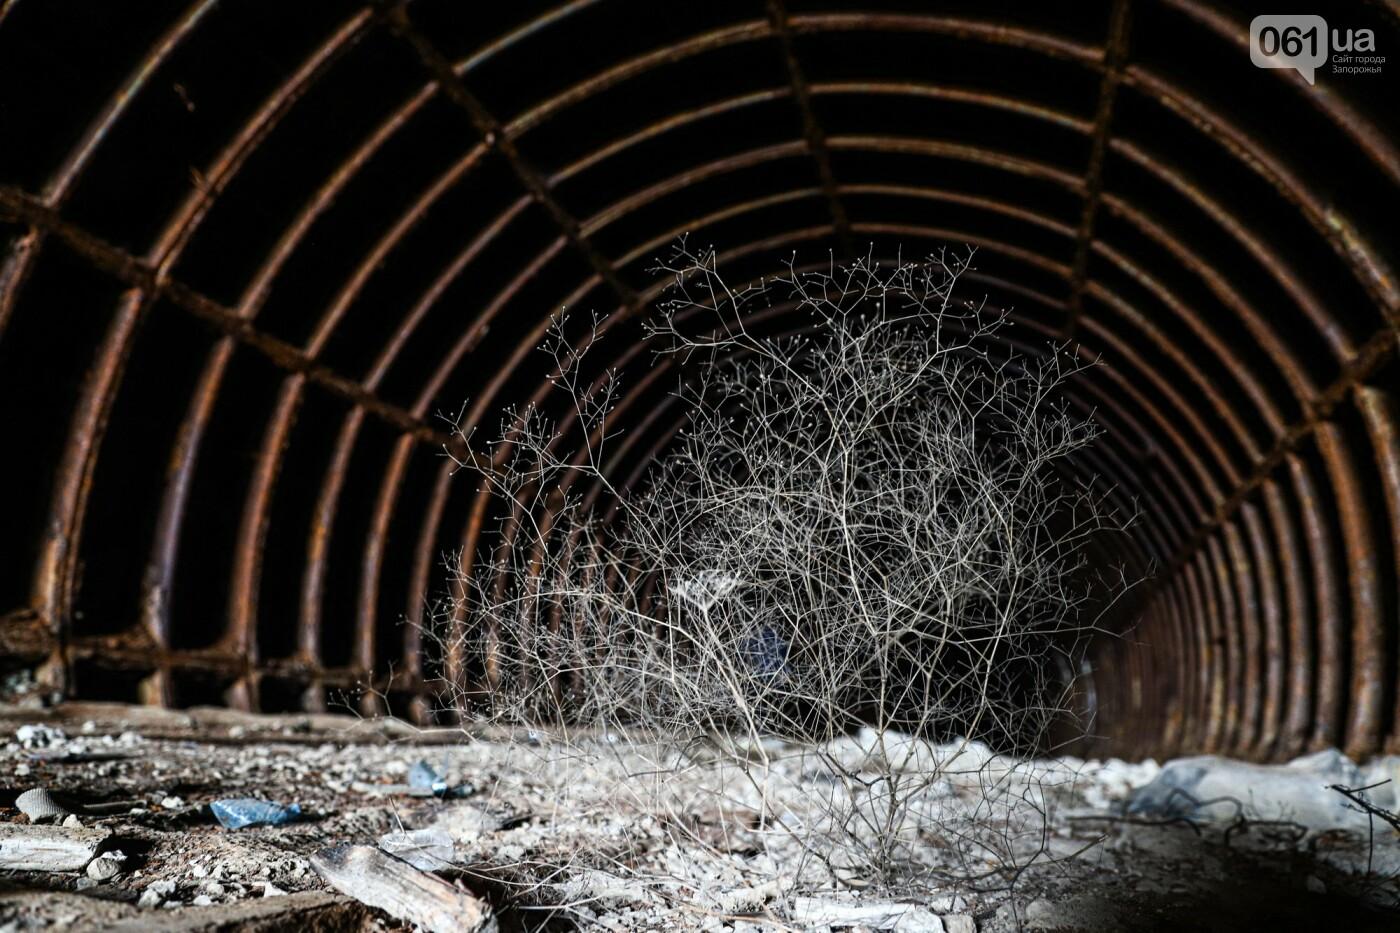 В Степногорске пытаются разобрать на металлолом шахту - промплощадка ГОКа превратилась в руины, - ФОТОРЕПОРТАЖ , фото-6